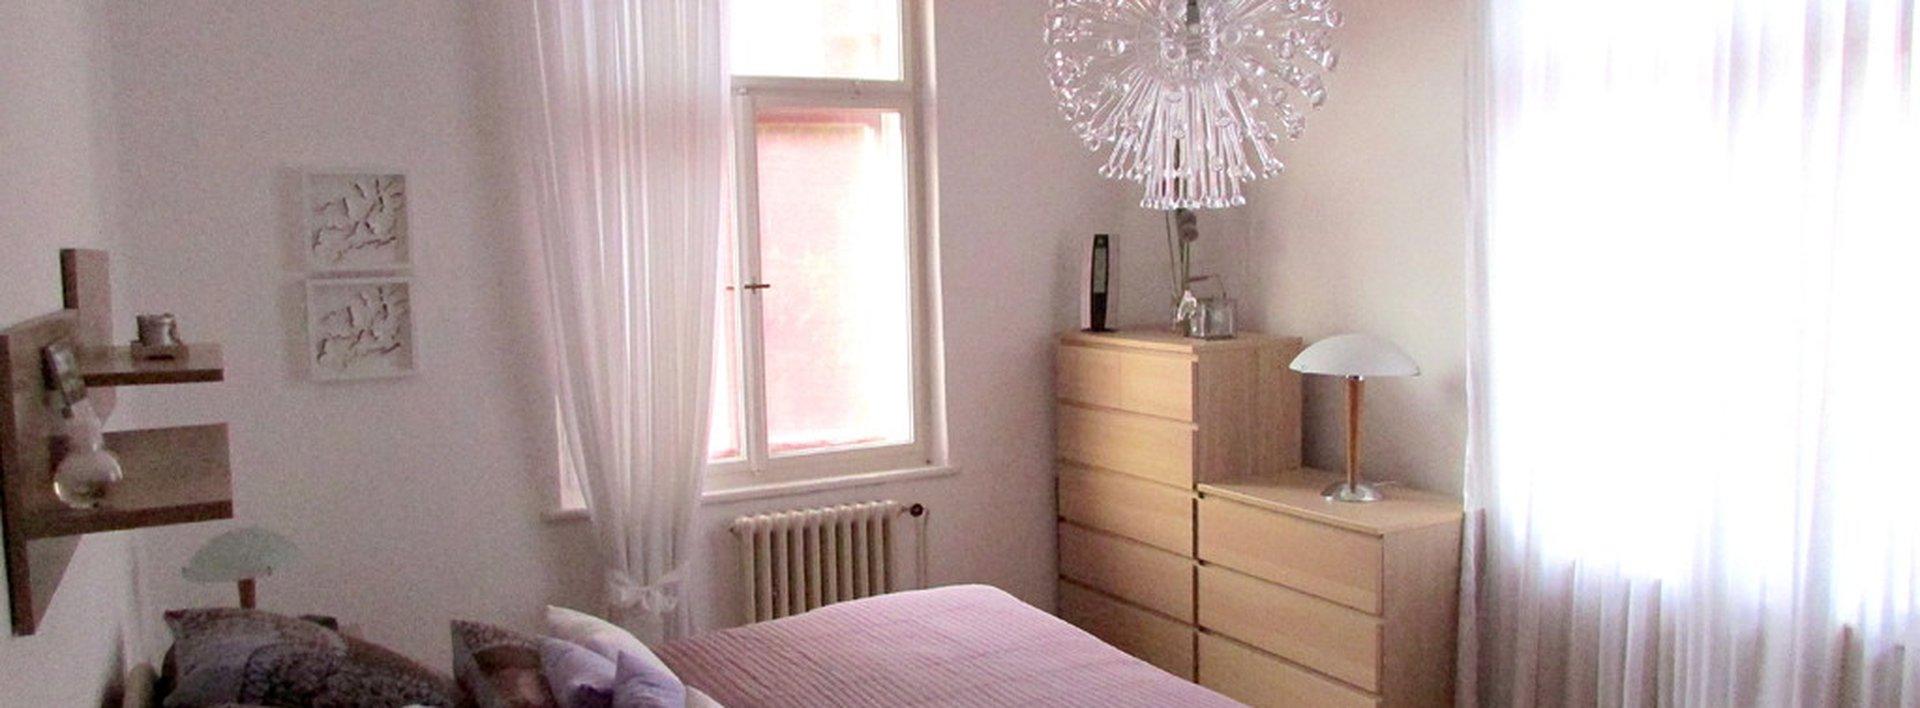 Prodej bytu 4+1, 105 m2 v cihlovém domě v centru Jablonci n/N., Ev.č.: N47529